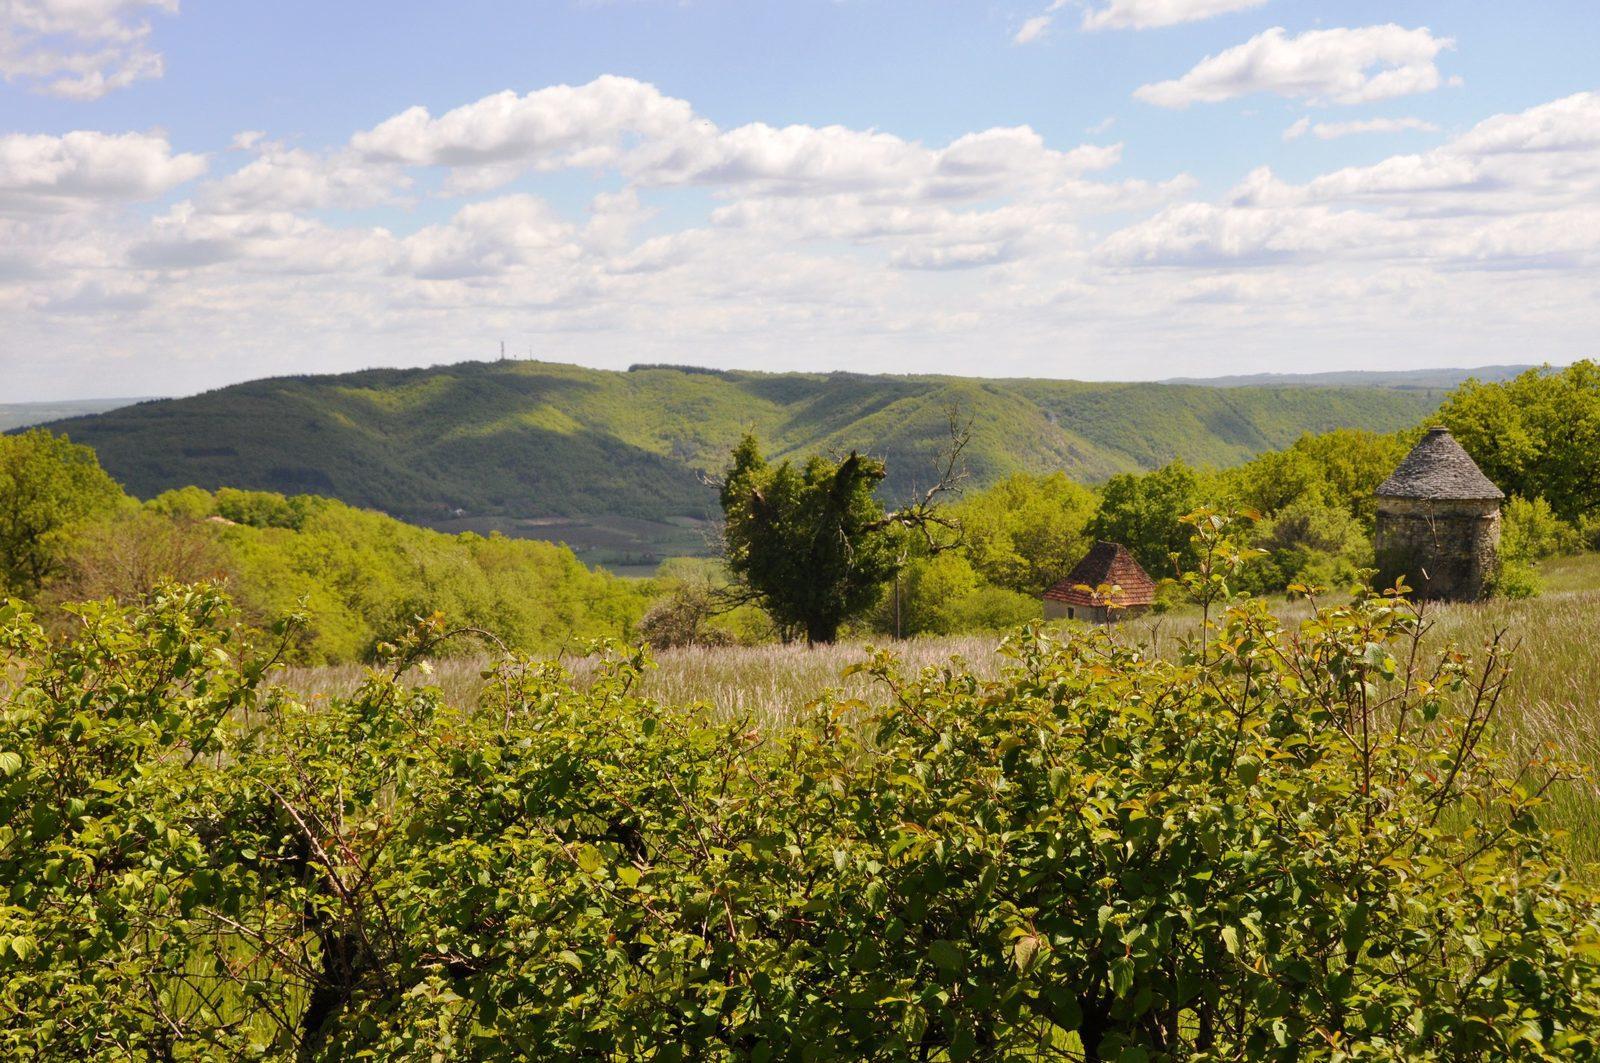 Frankrijk, Dordogne, natuur, vakantiehuizen, genieten